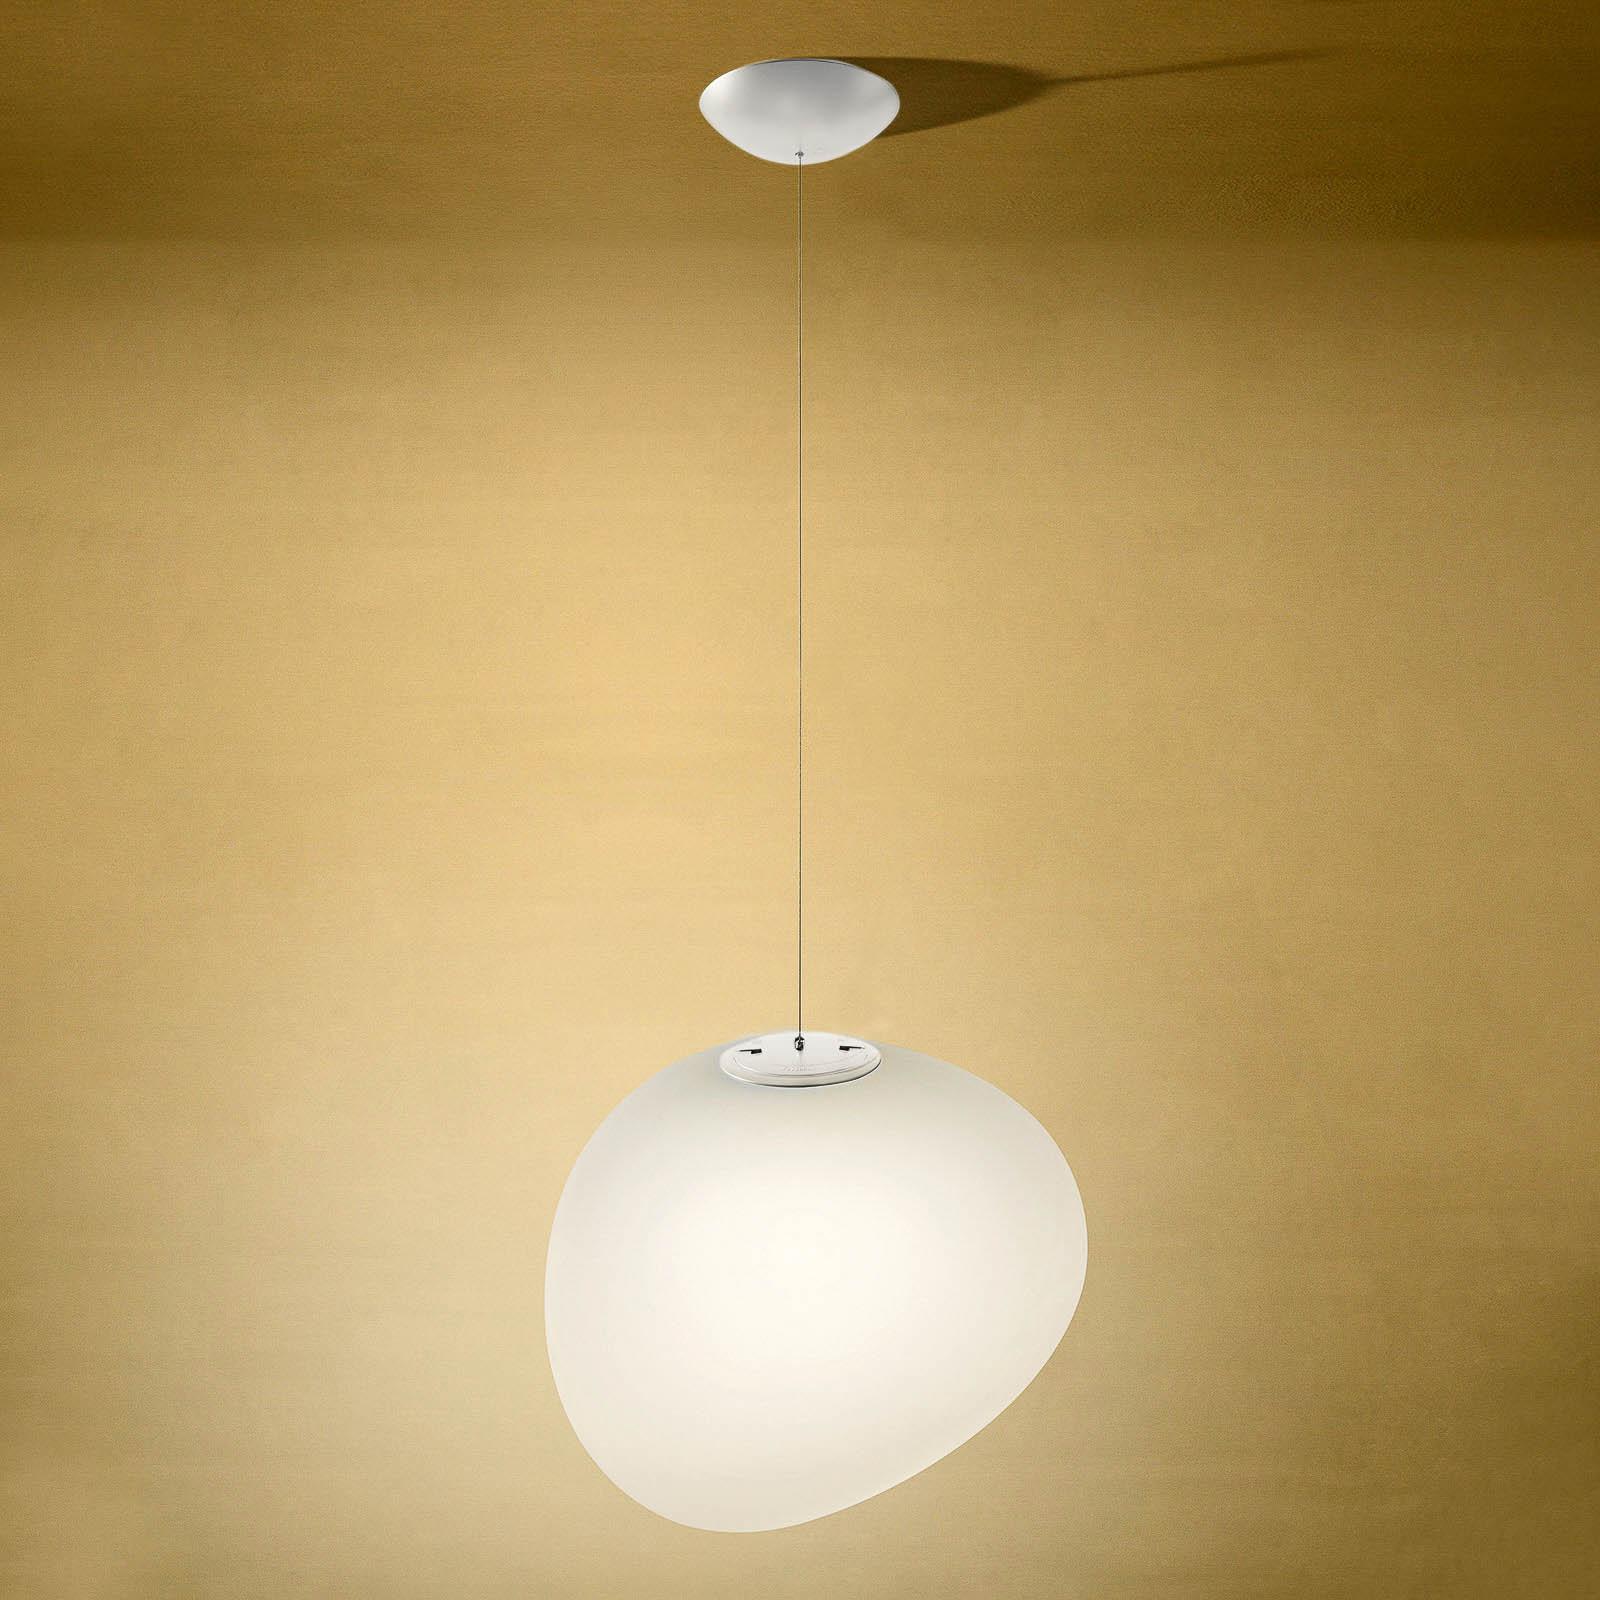 Foscarini Gregg midi -LED-riippuvalaisin valkoinen